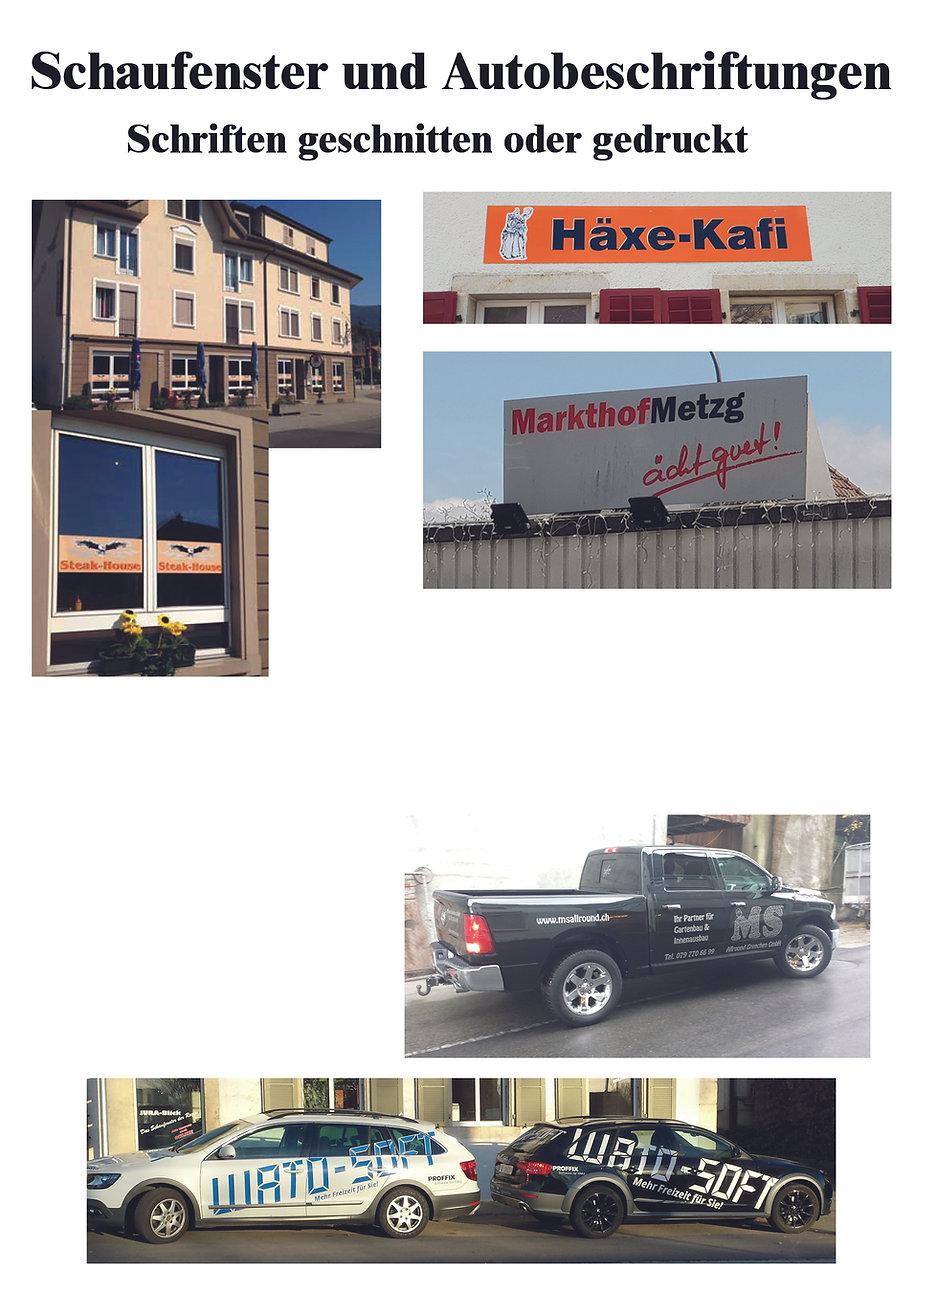 schaufenster und autobeschreibung